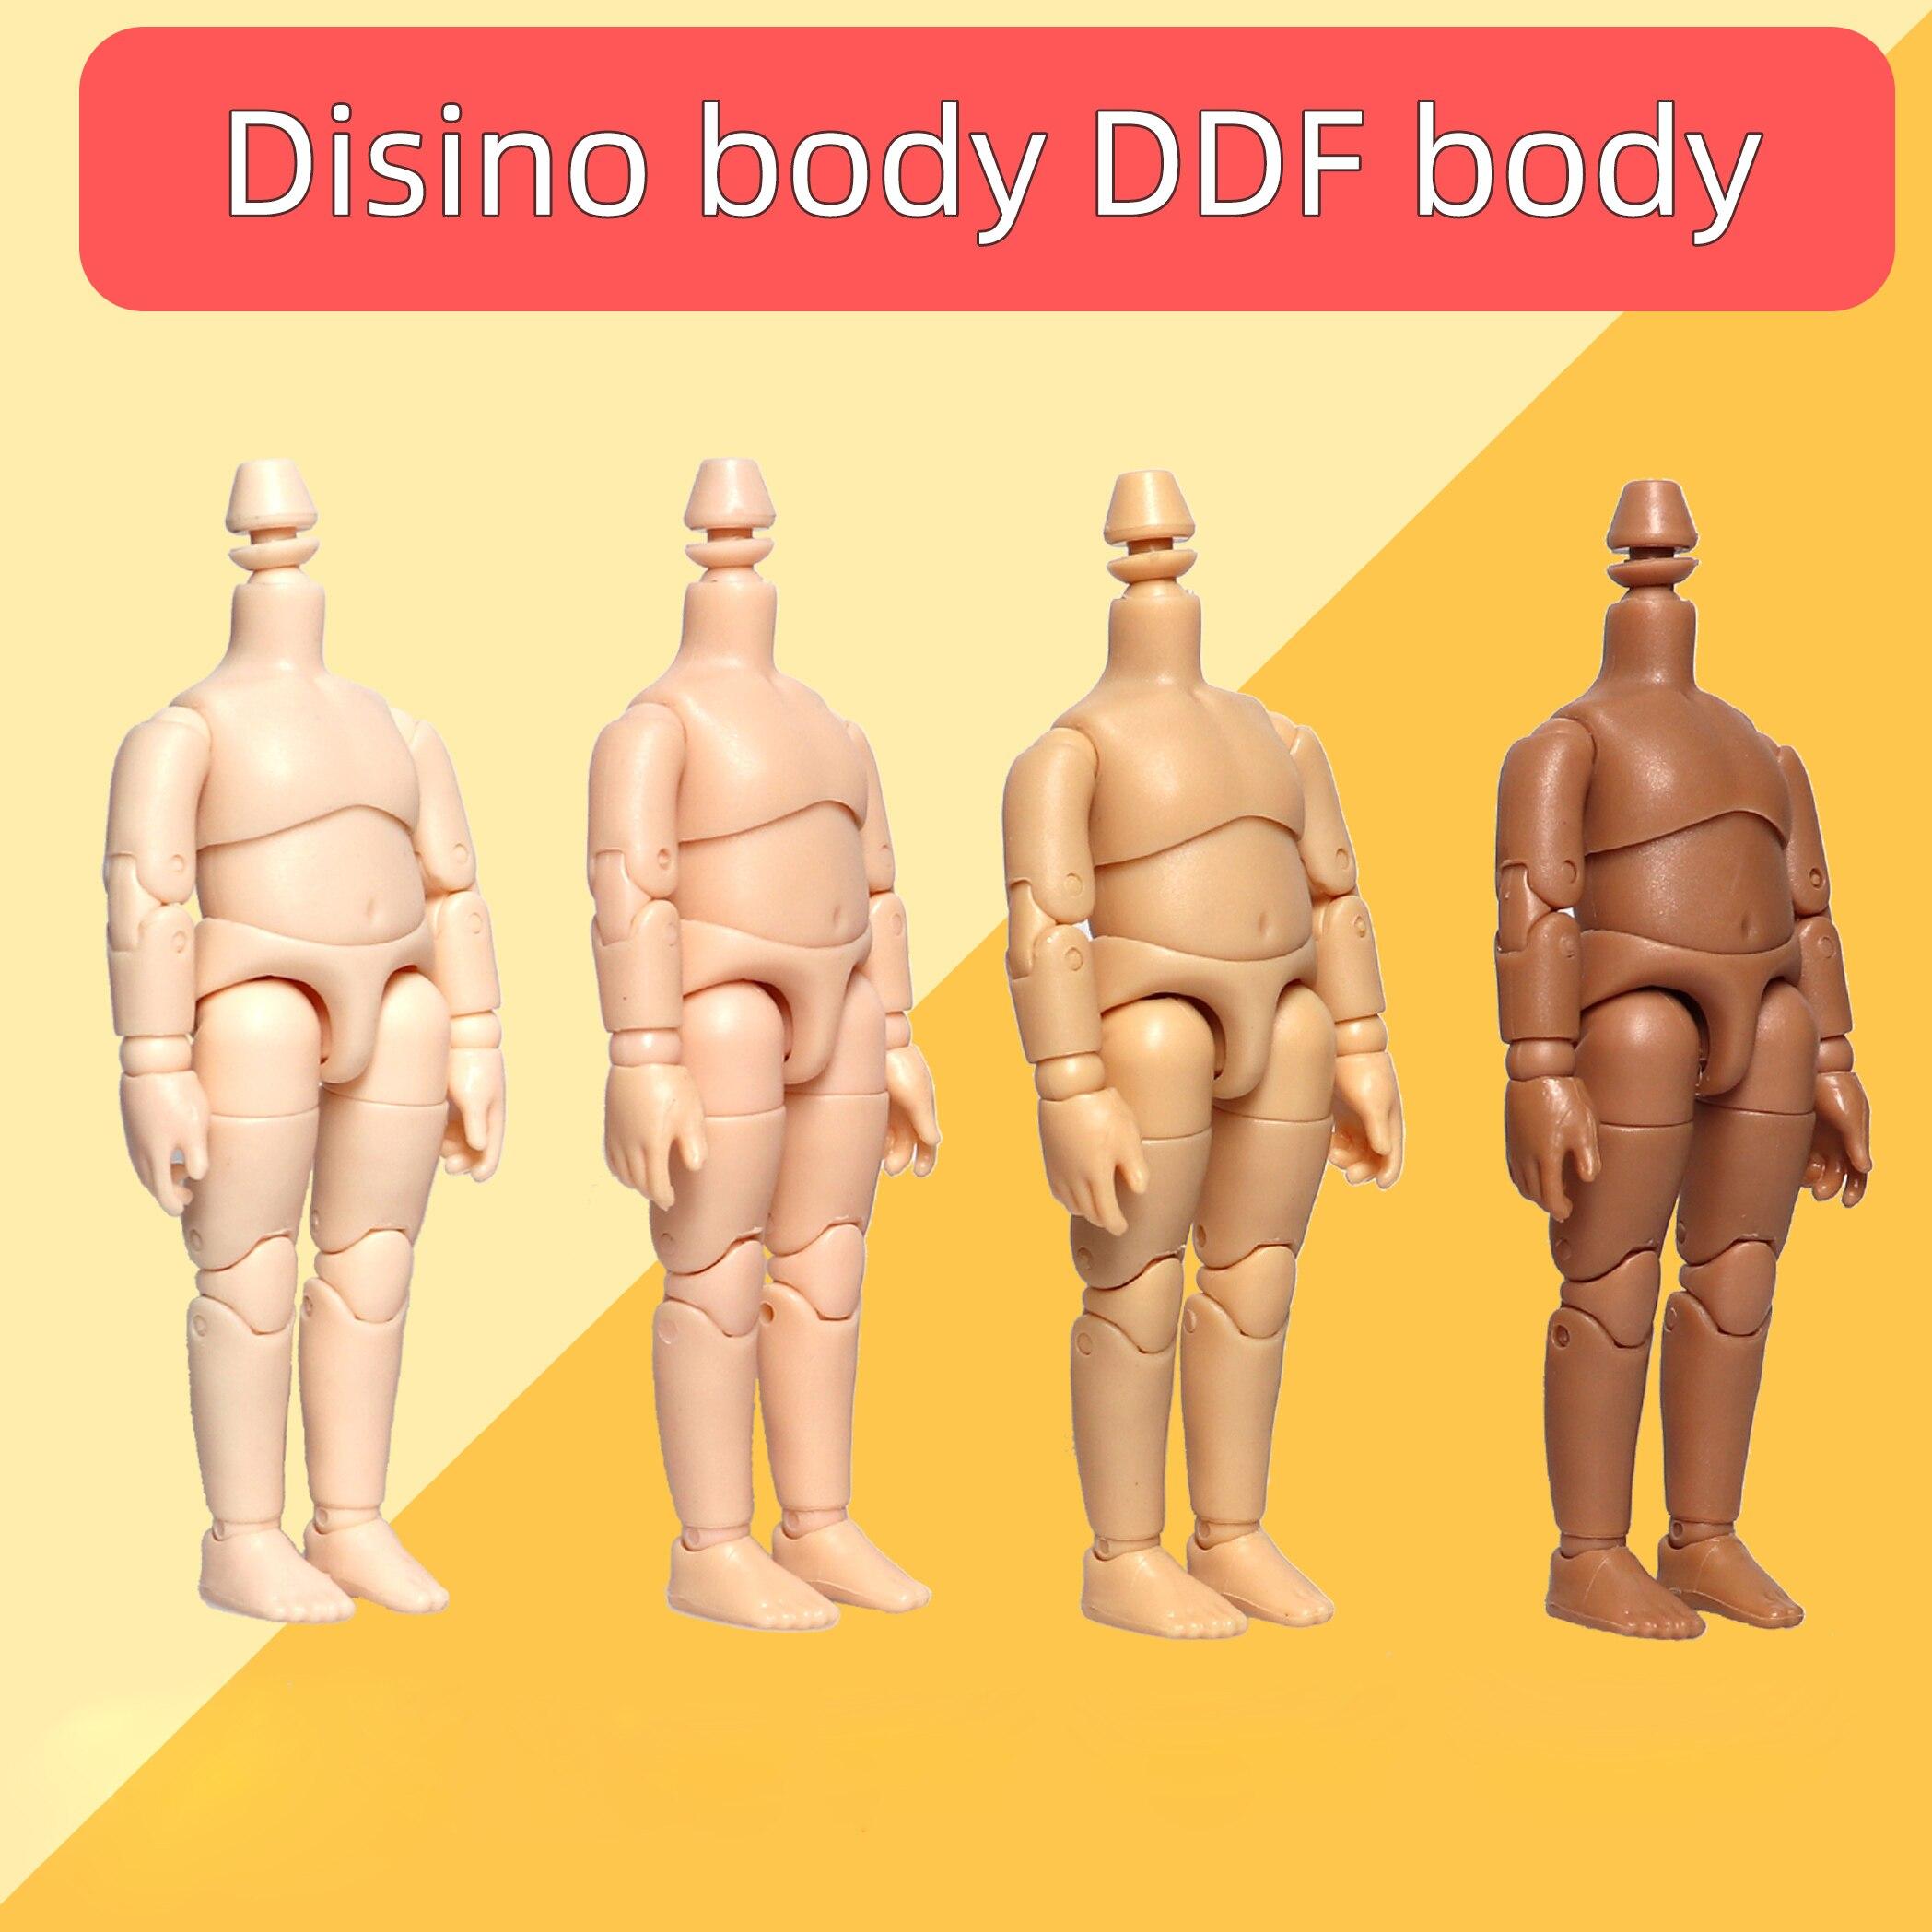 Disono ddf corpo boneca 11cm bjd corpo para gsc argila cabeça, obitsu11, 1 / 12bjd boneca cabeça ob11 conjunta corpo substituição mão conjunto